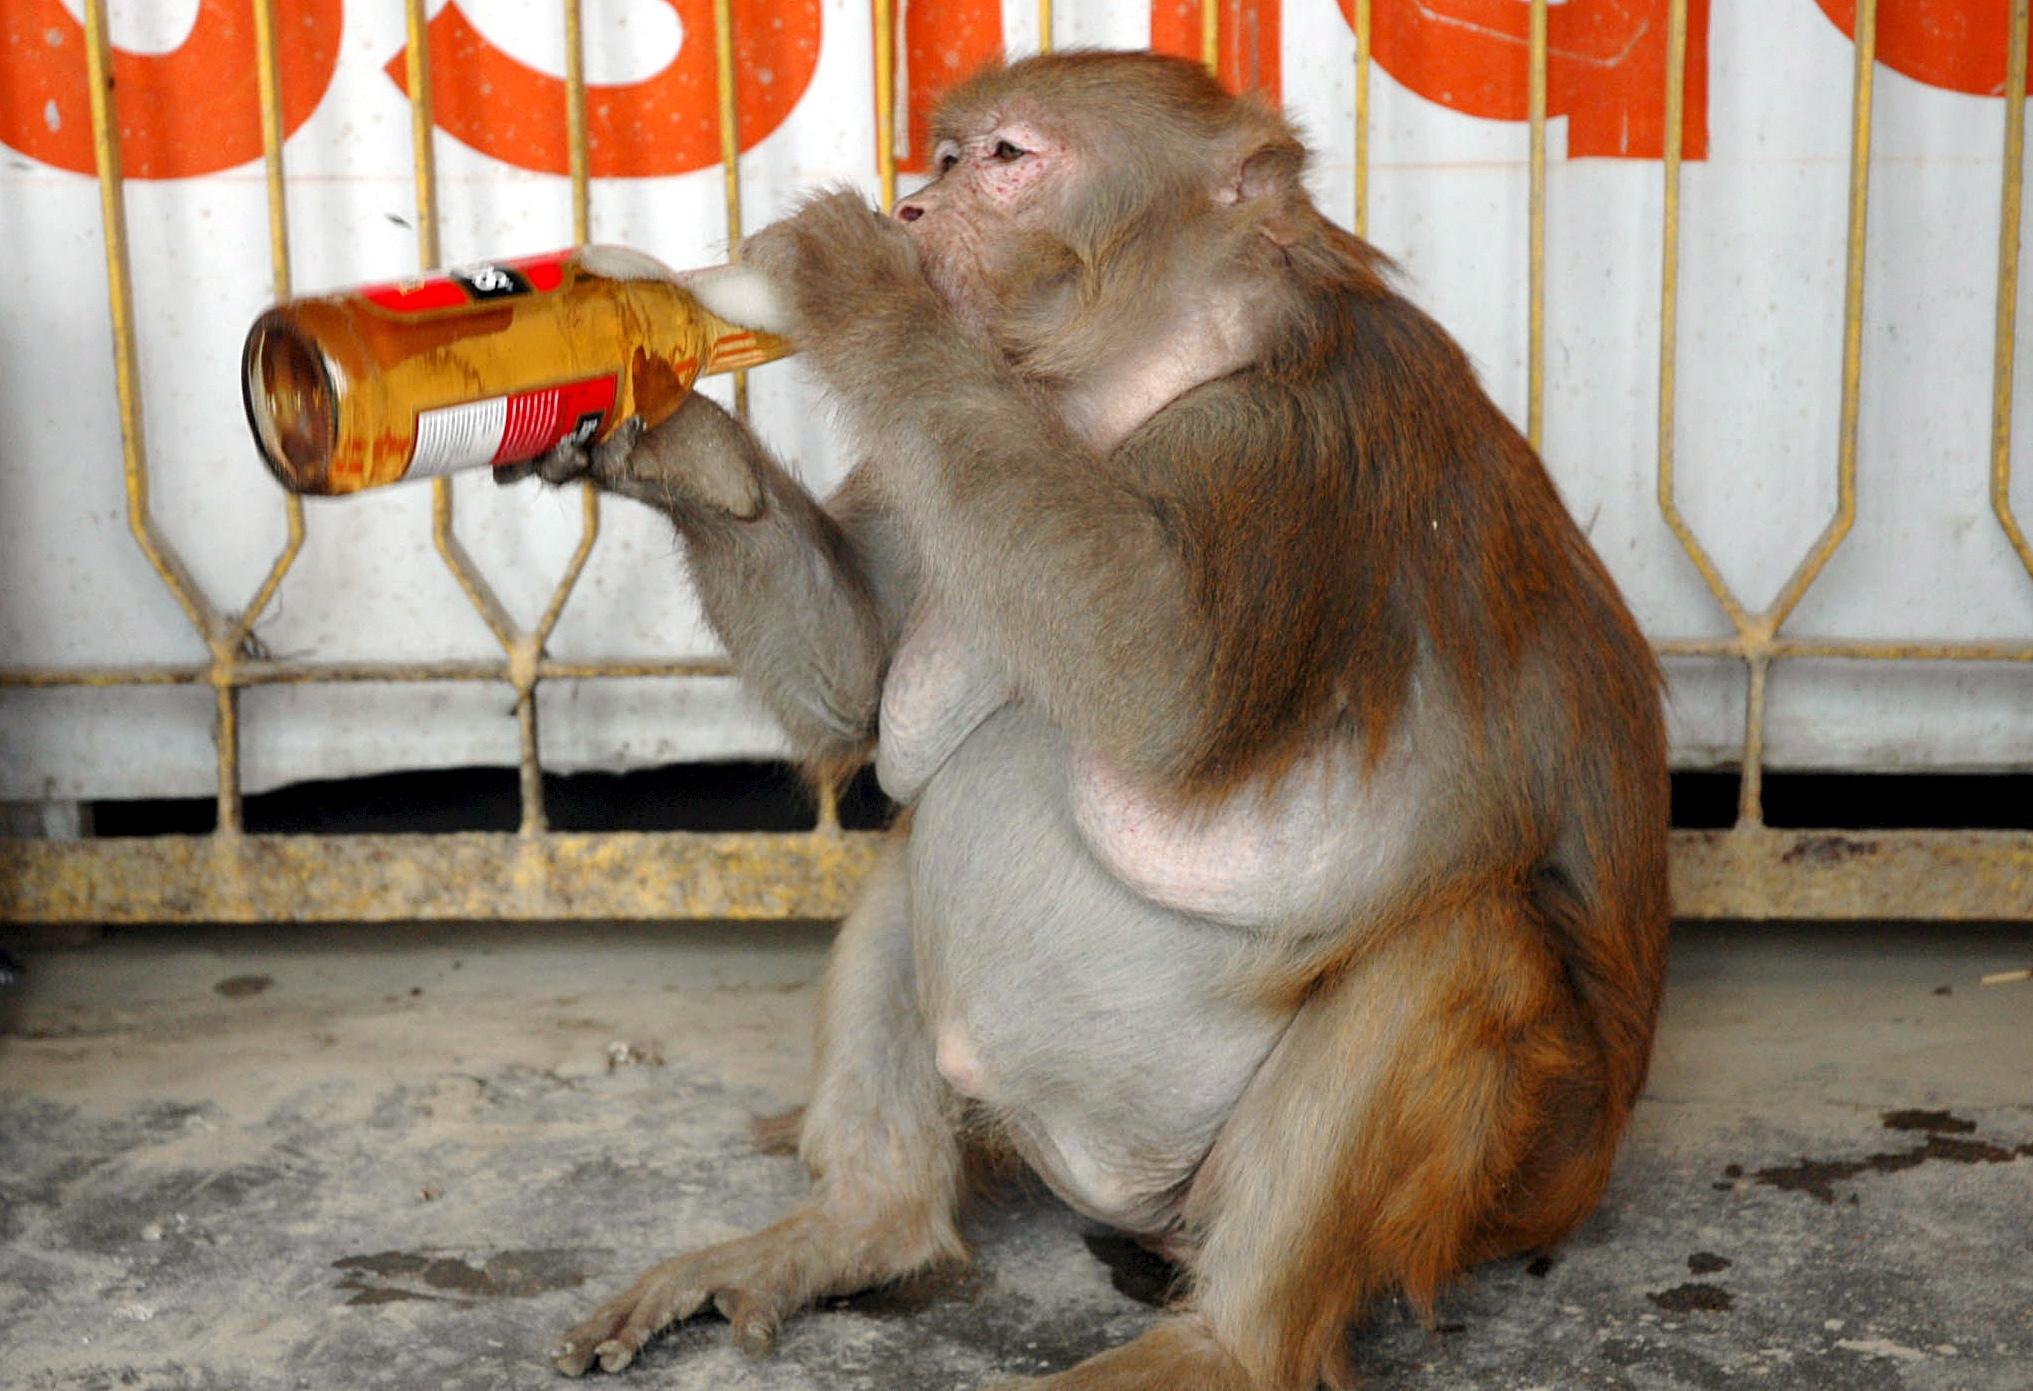 Wegen Alkoholsucht: Affe muss lebenslang in Einzelhaft